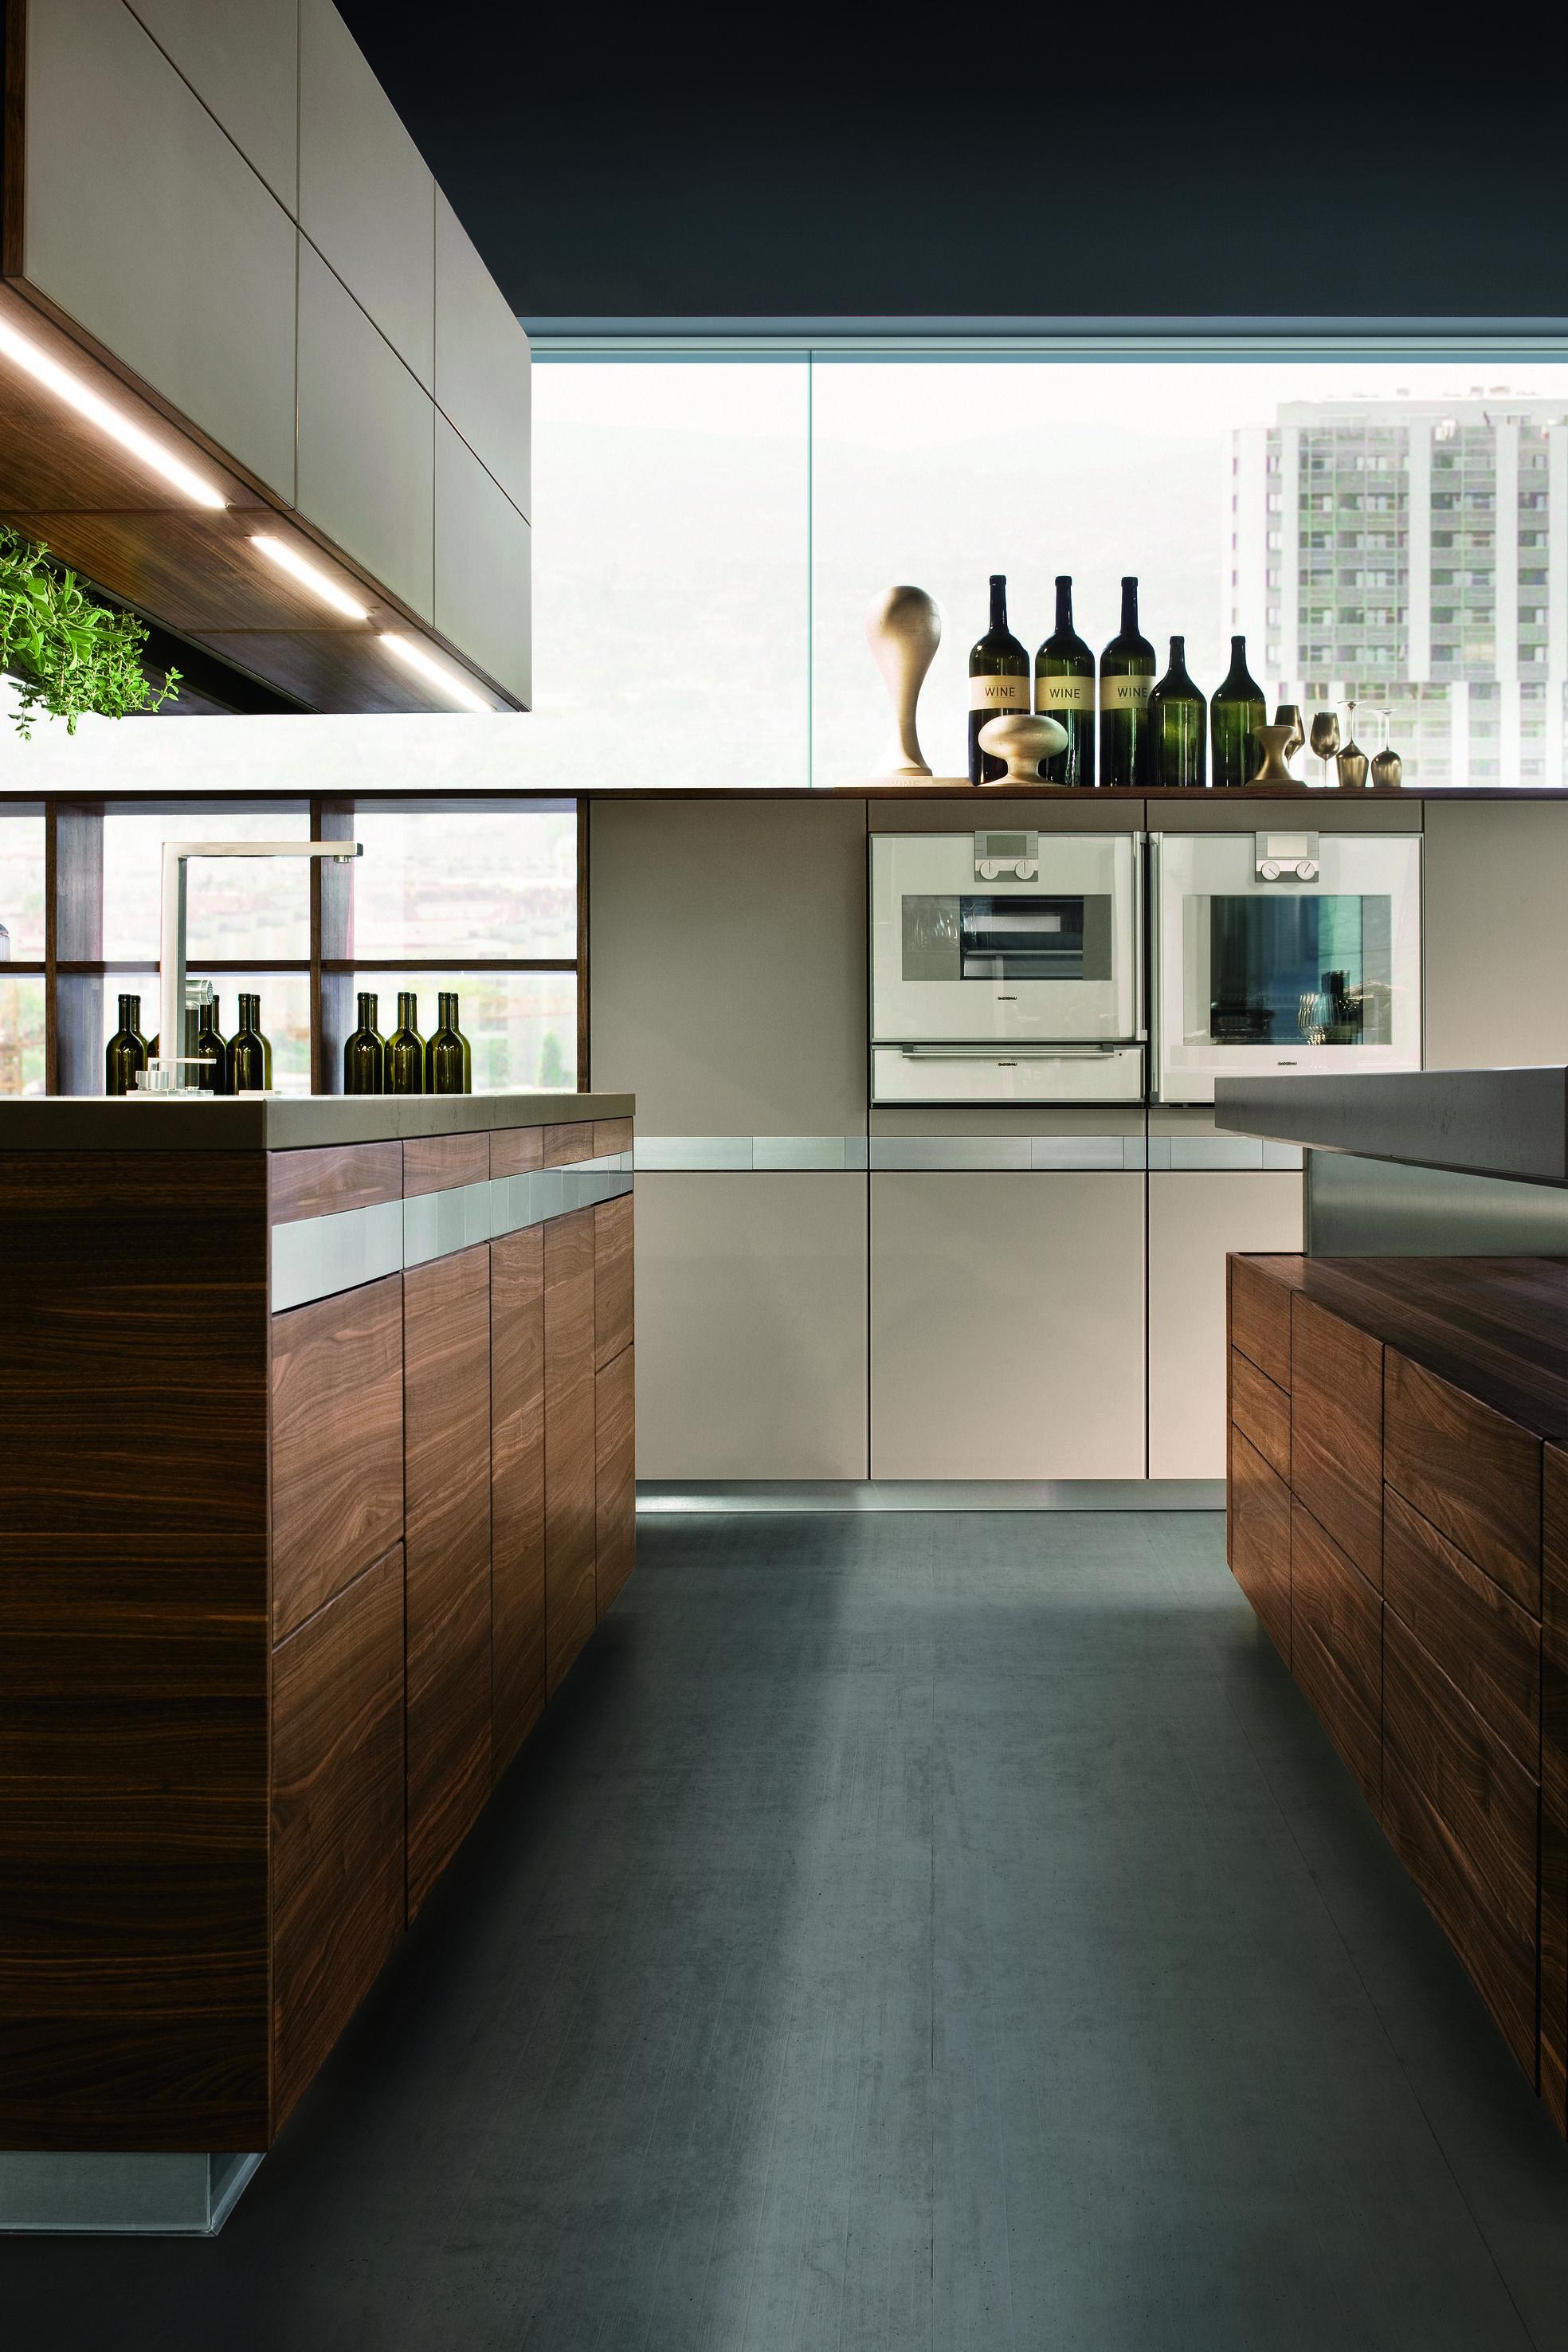 Wunderbar Inspirational Design Küchen Wasserhahn Galerie